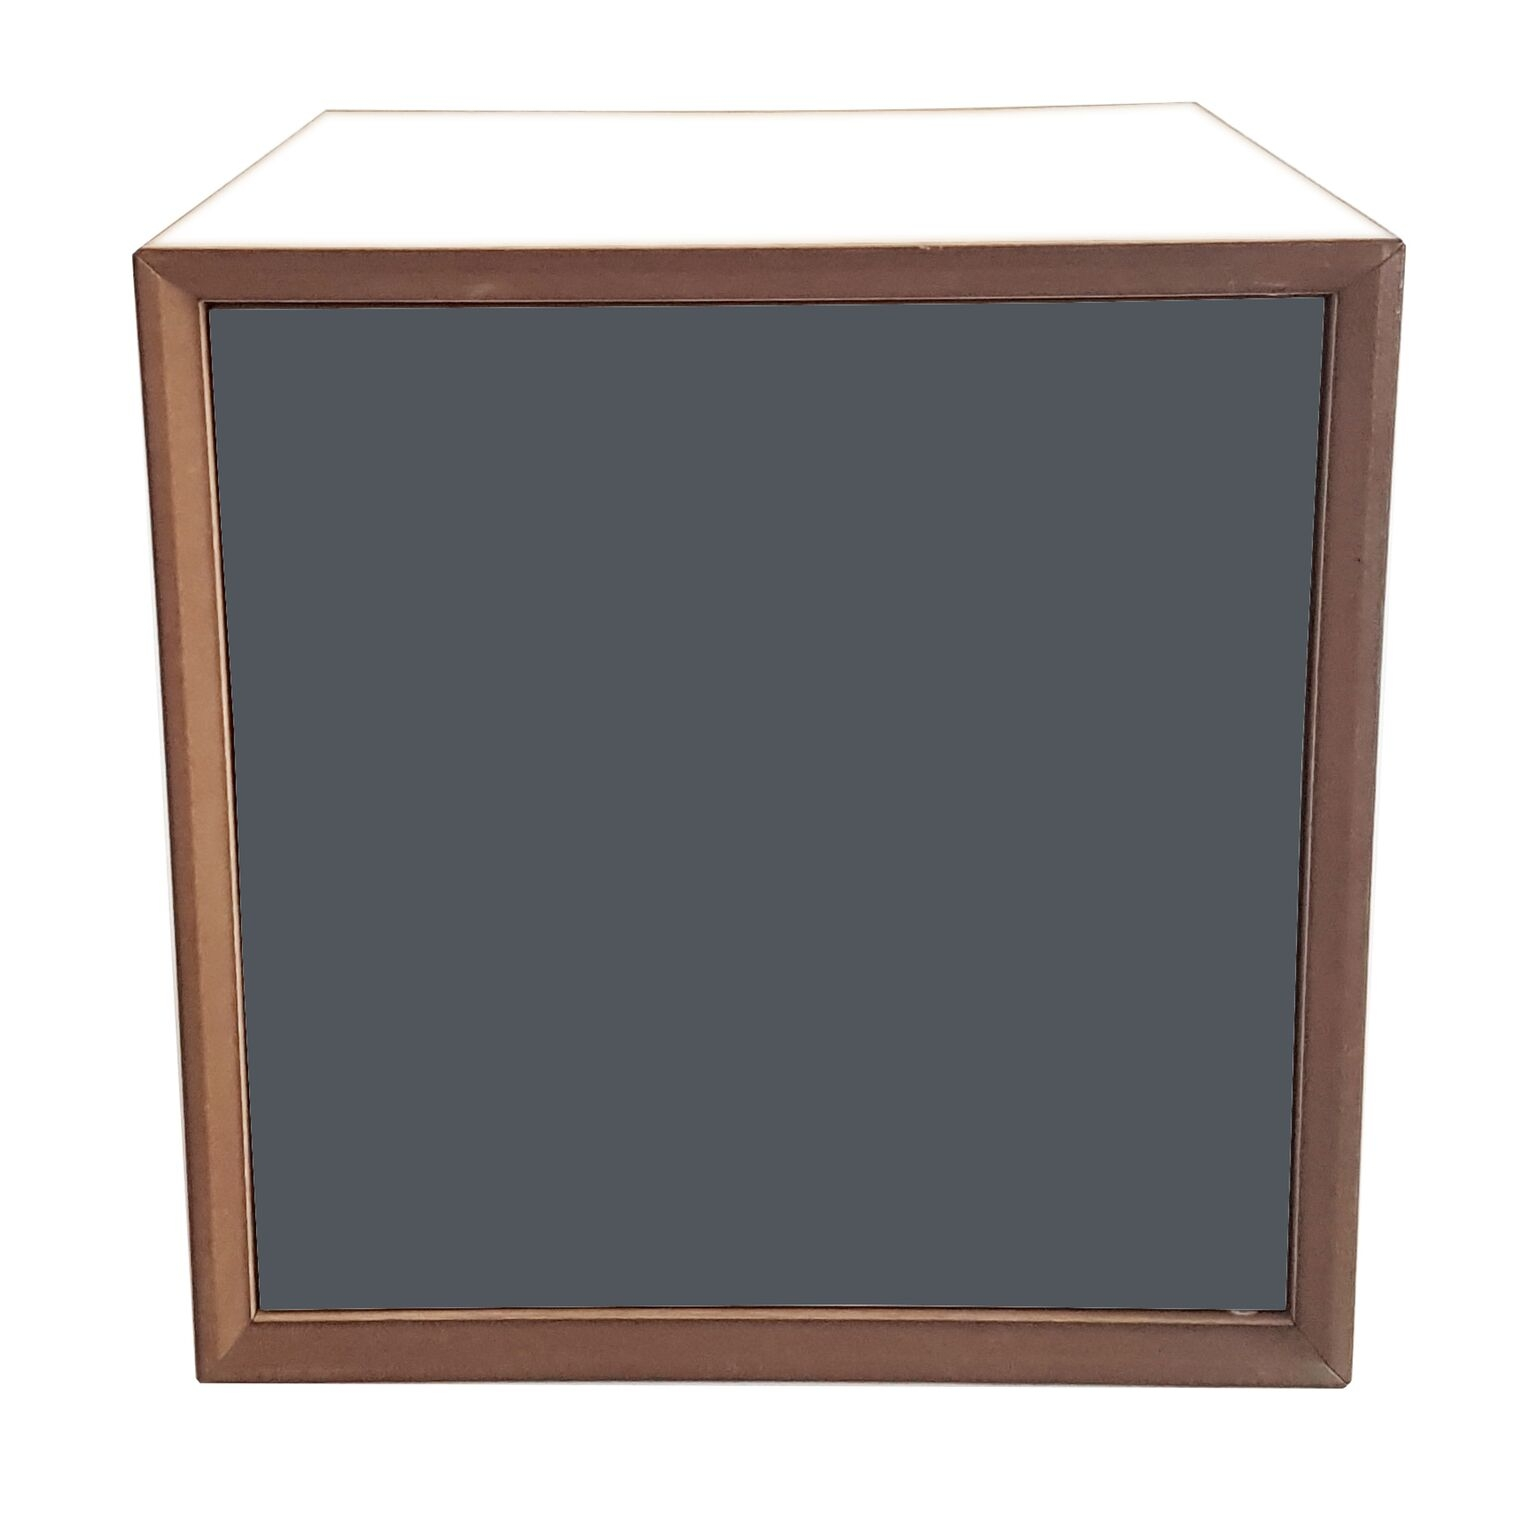 Dulap modular Pixel Graphite / White l40xA40xH40 cm